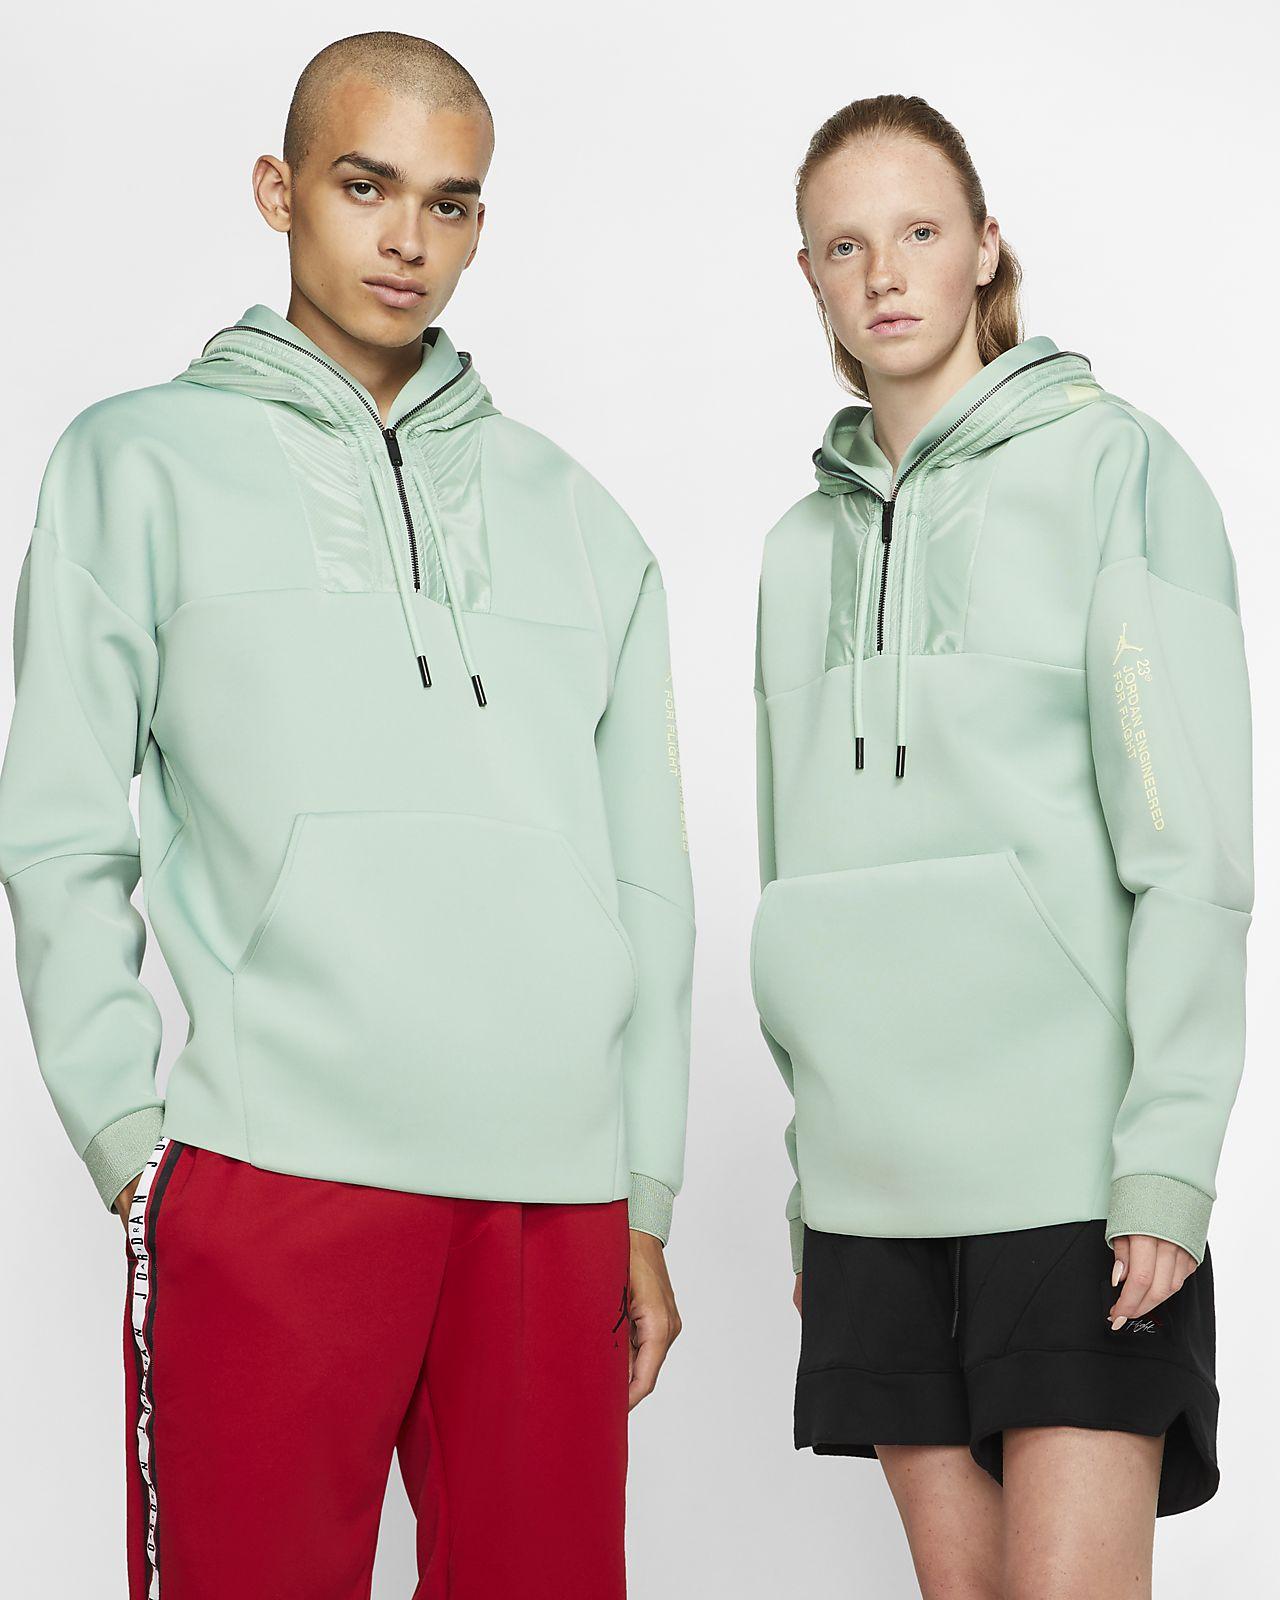 Μπλούζα με κουκούλα και φερμουάρ στο μισό μήκος Jordan 23 Engineered